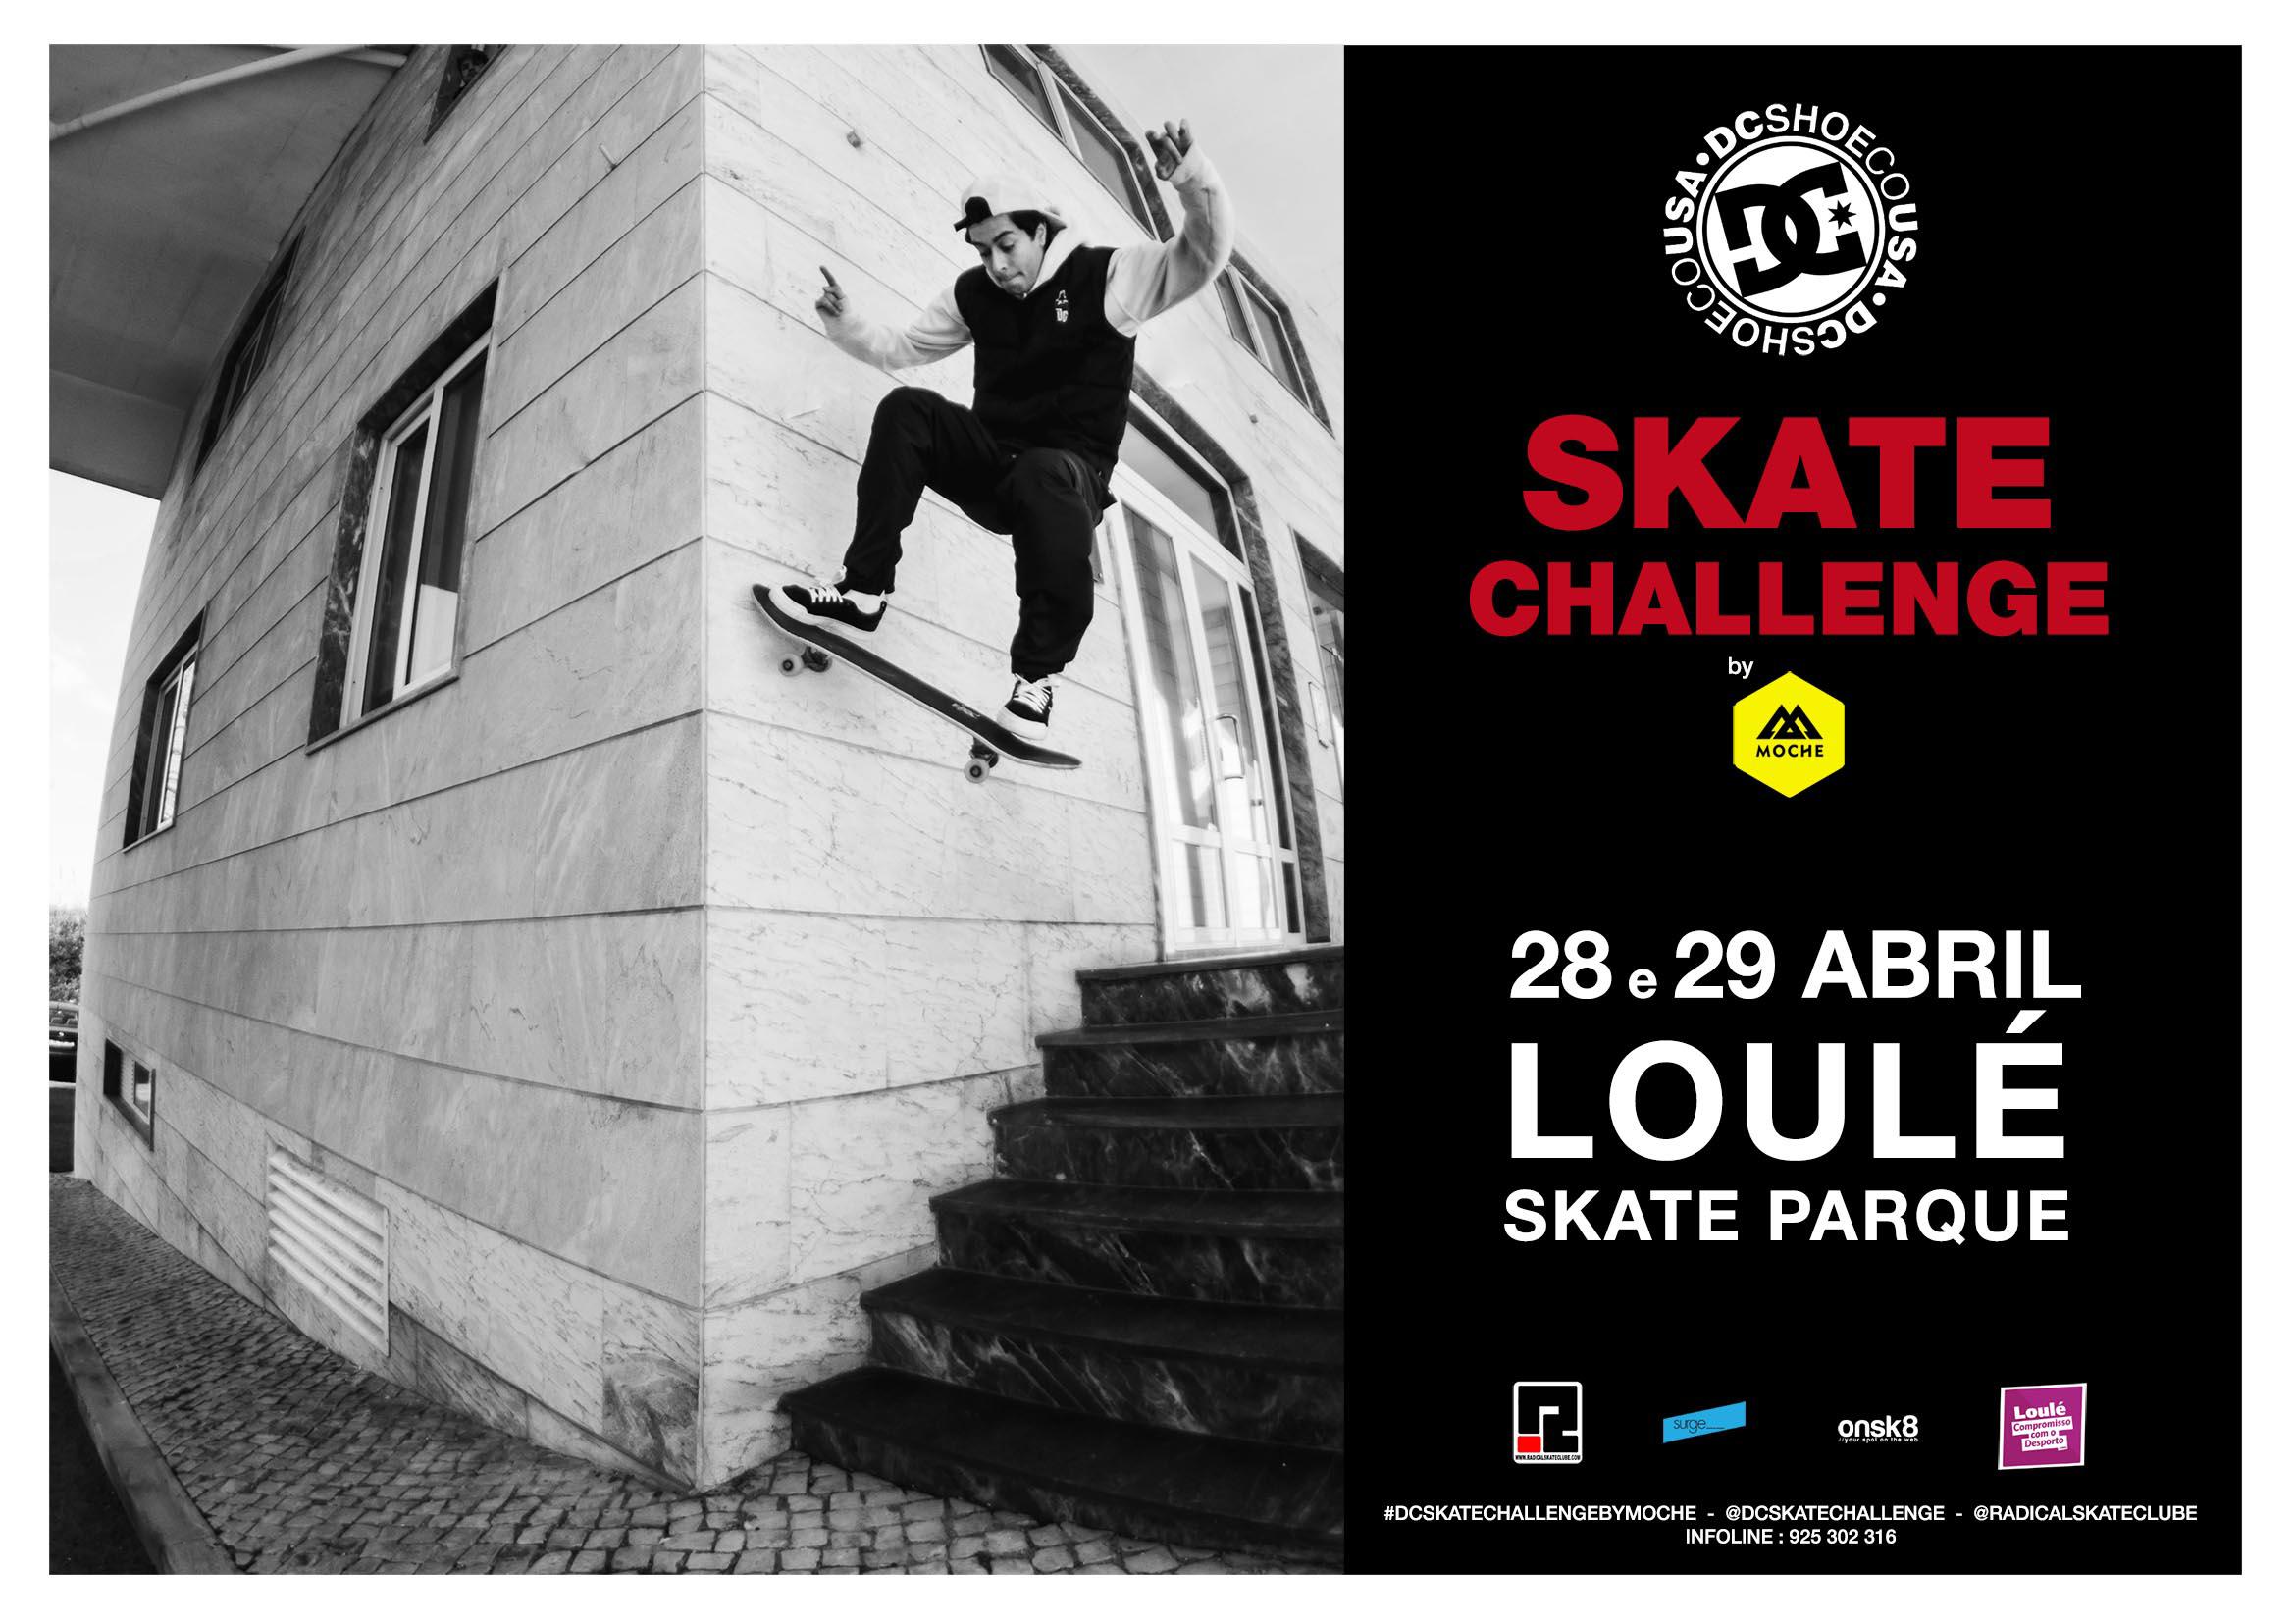 DC Skate Challenge By Moche Arranca Já A 28 E 29 De Abril, Em Loulé